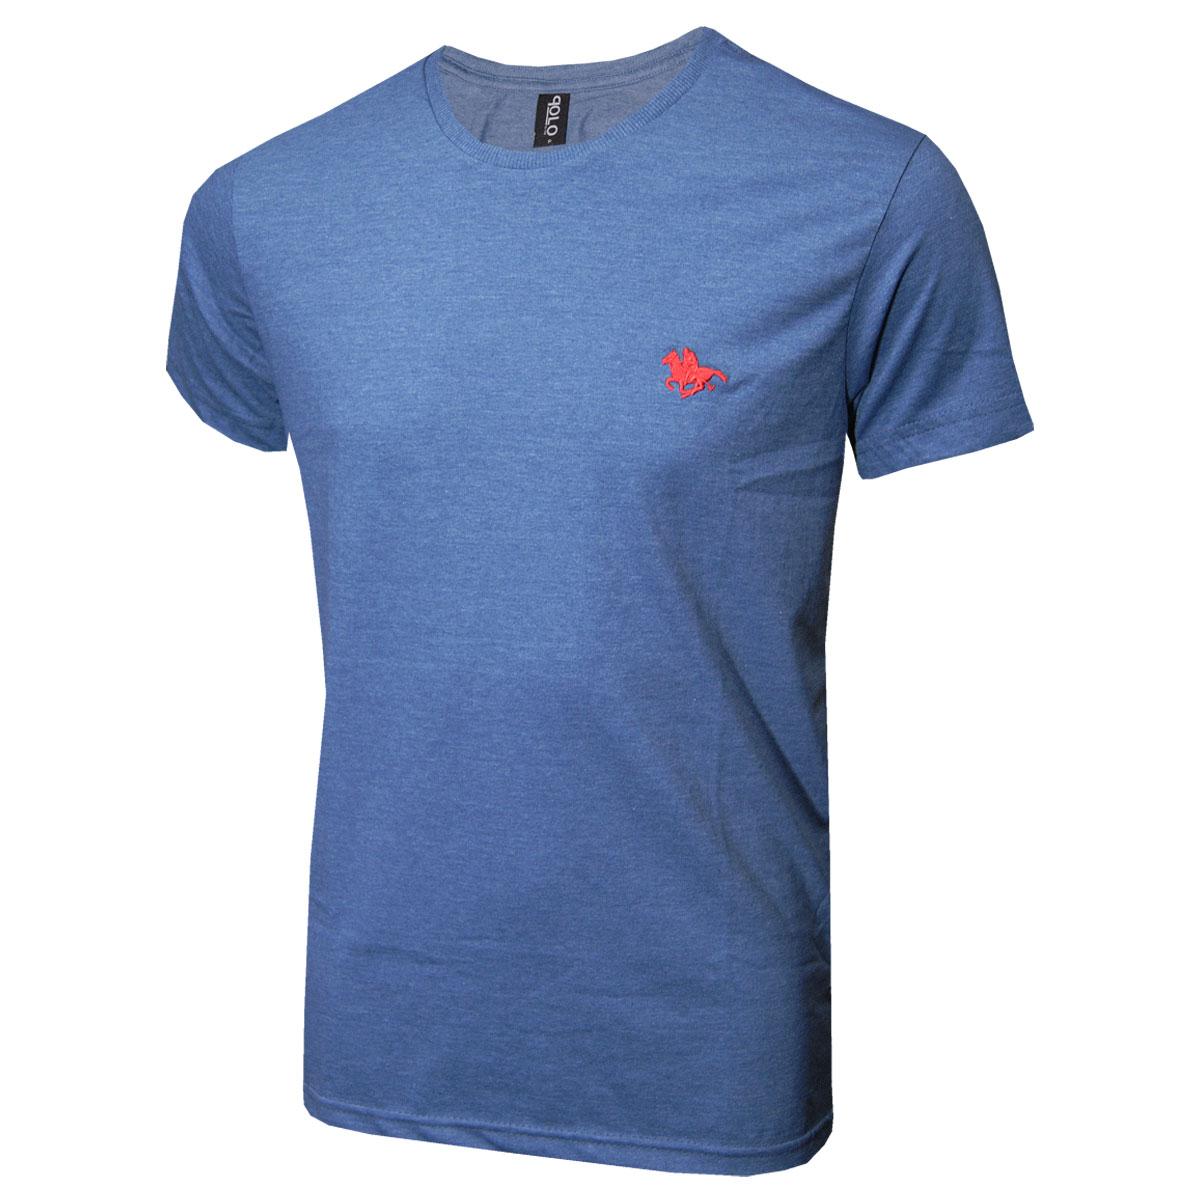 kIt com 2 e leve 3 Camisetas Masculinas Cores Polo RG518